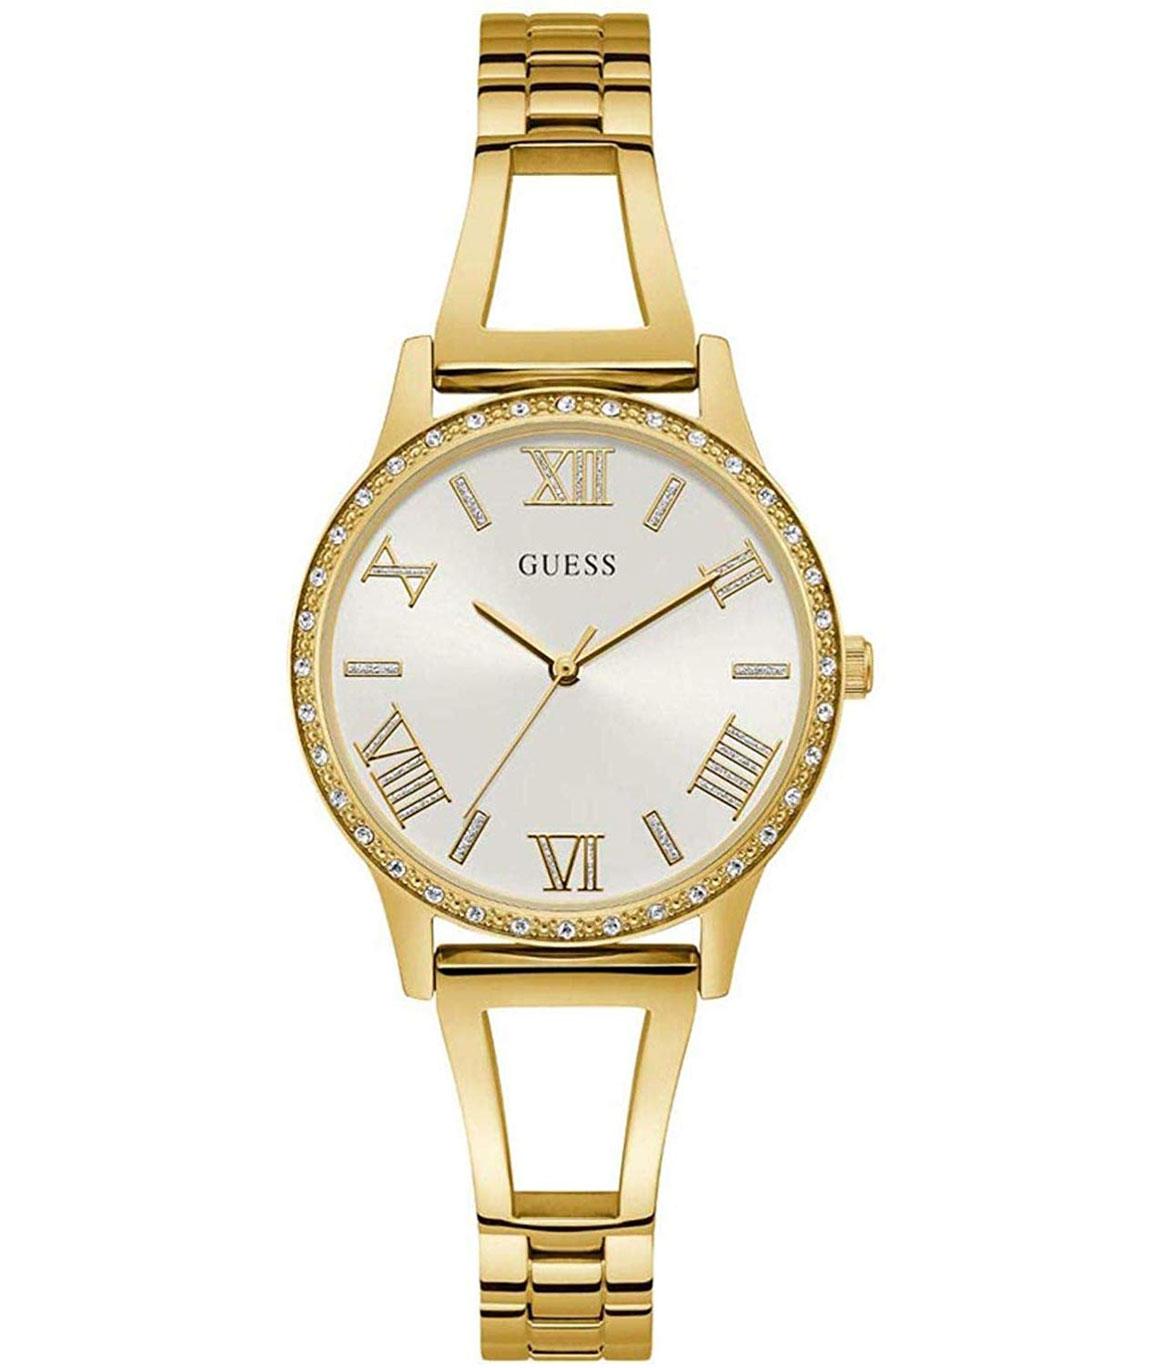 Guess Gold Toned Women`s Watch